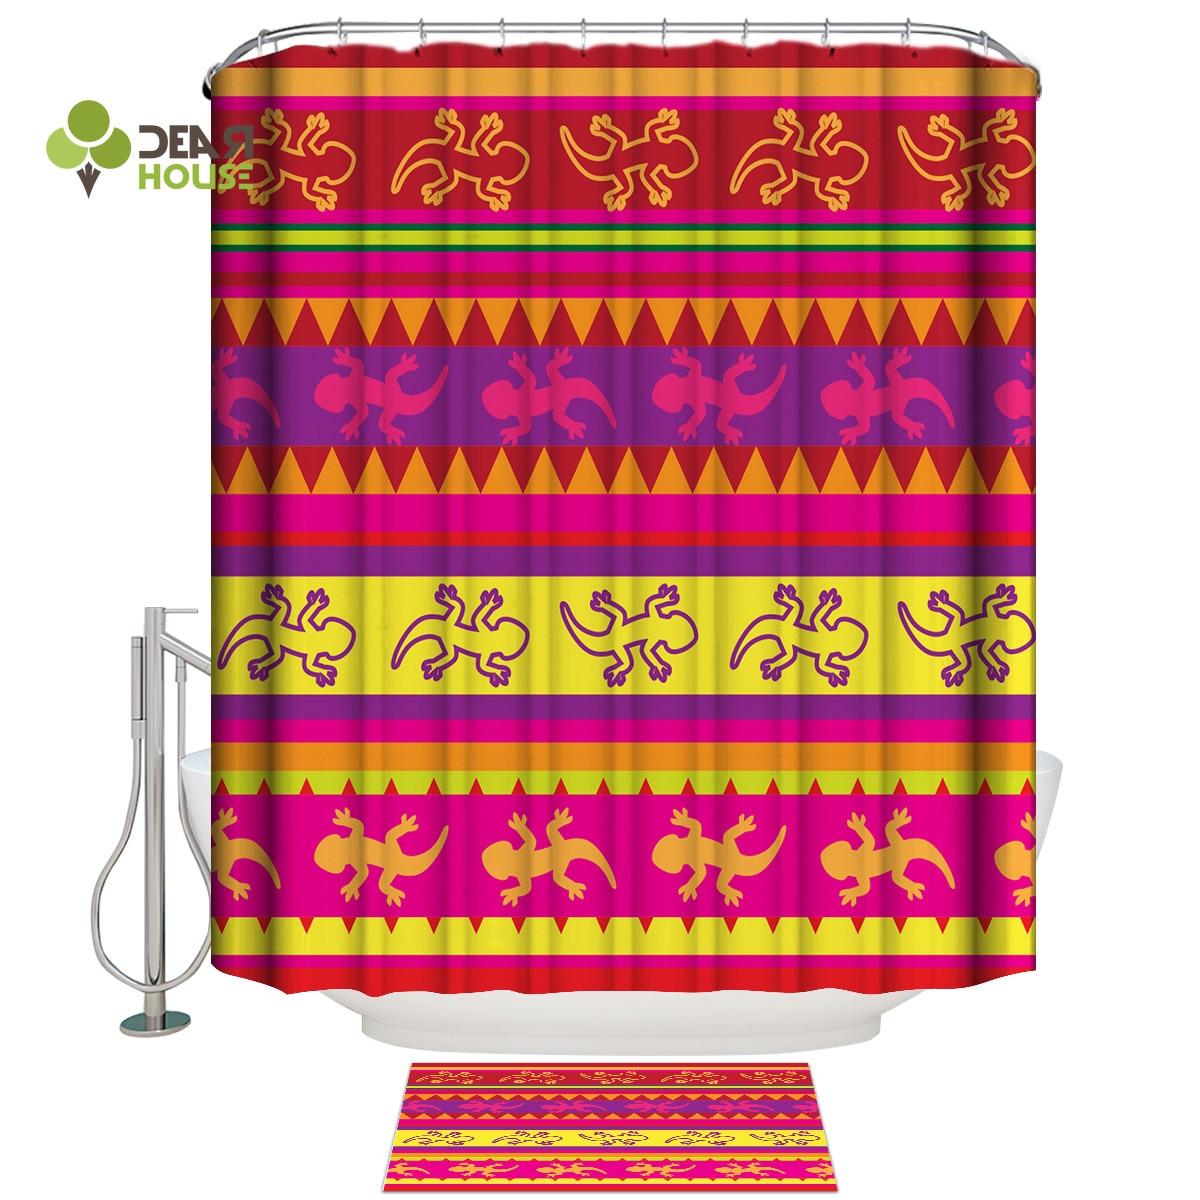 Dearhouse lagarto mexicano de ducha de tela, cortina de baño conjuntos con alfombras 2 Set de baño completo Cortina de ducha conjuntos conjunto de decoración para el baño